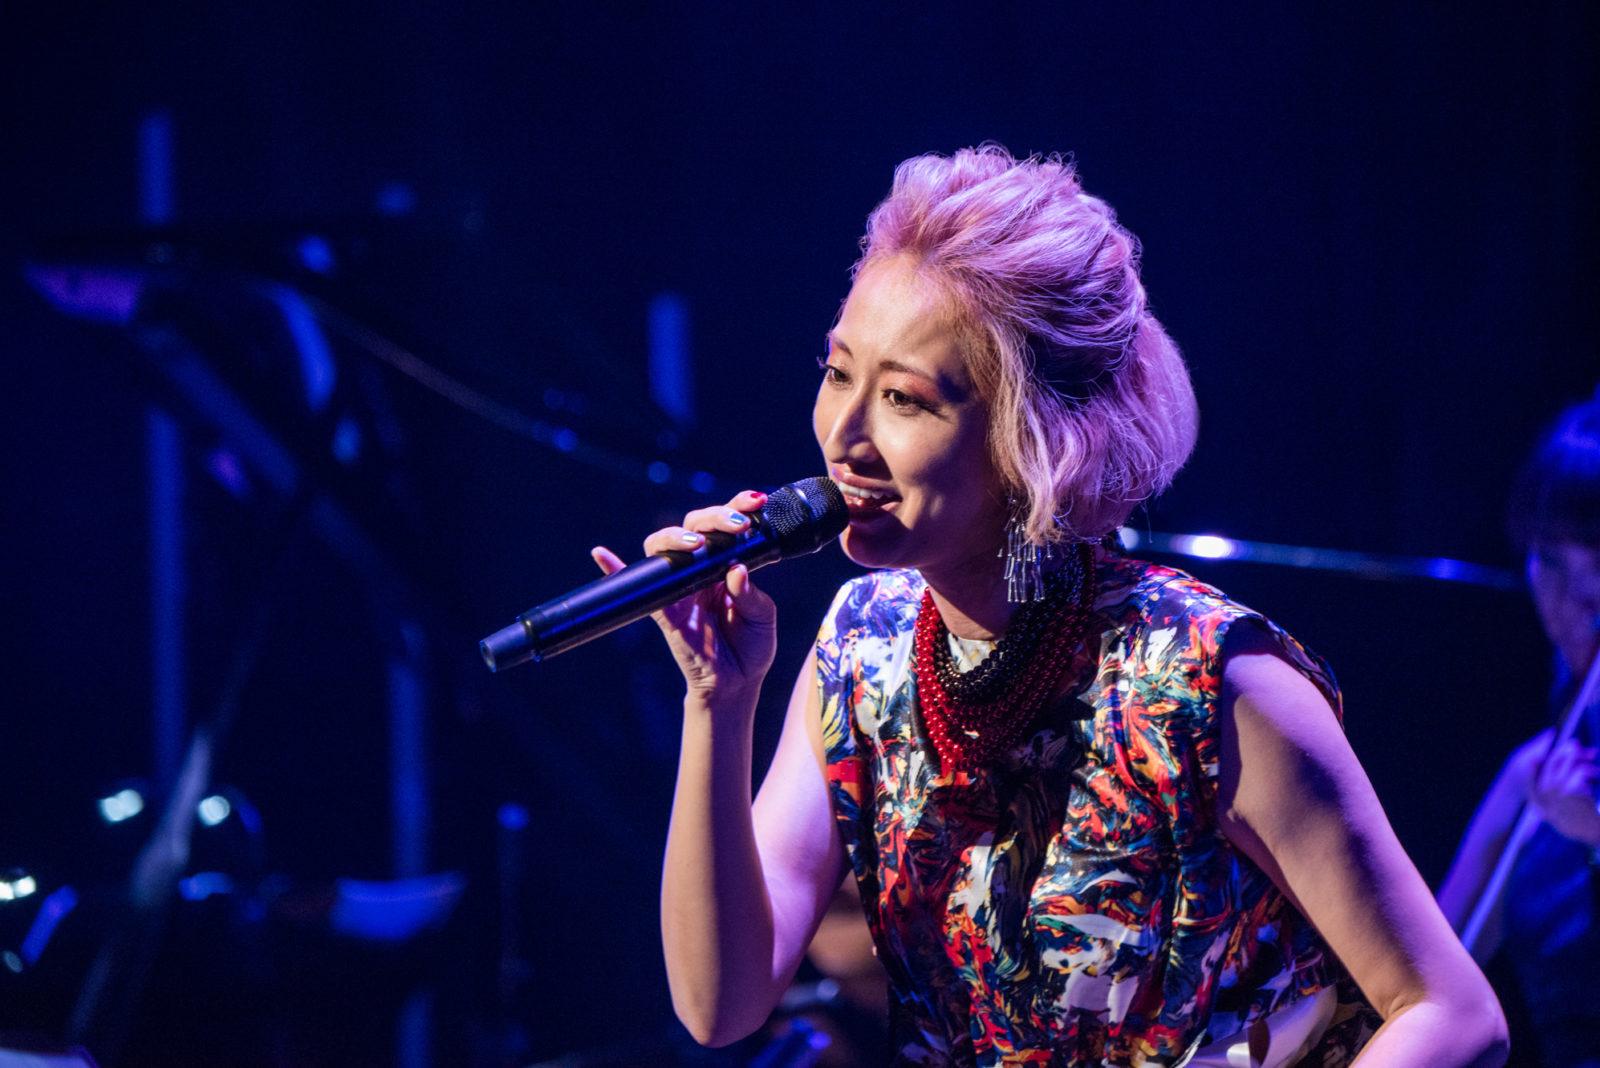 Ms.OOJA  新作オリジナルアルバム「PROUD」が今冬発売決定。収録曲の心揺さぶる名バラード「WITH」をプレミアムライブでいち早く披露サムネイル画像